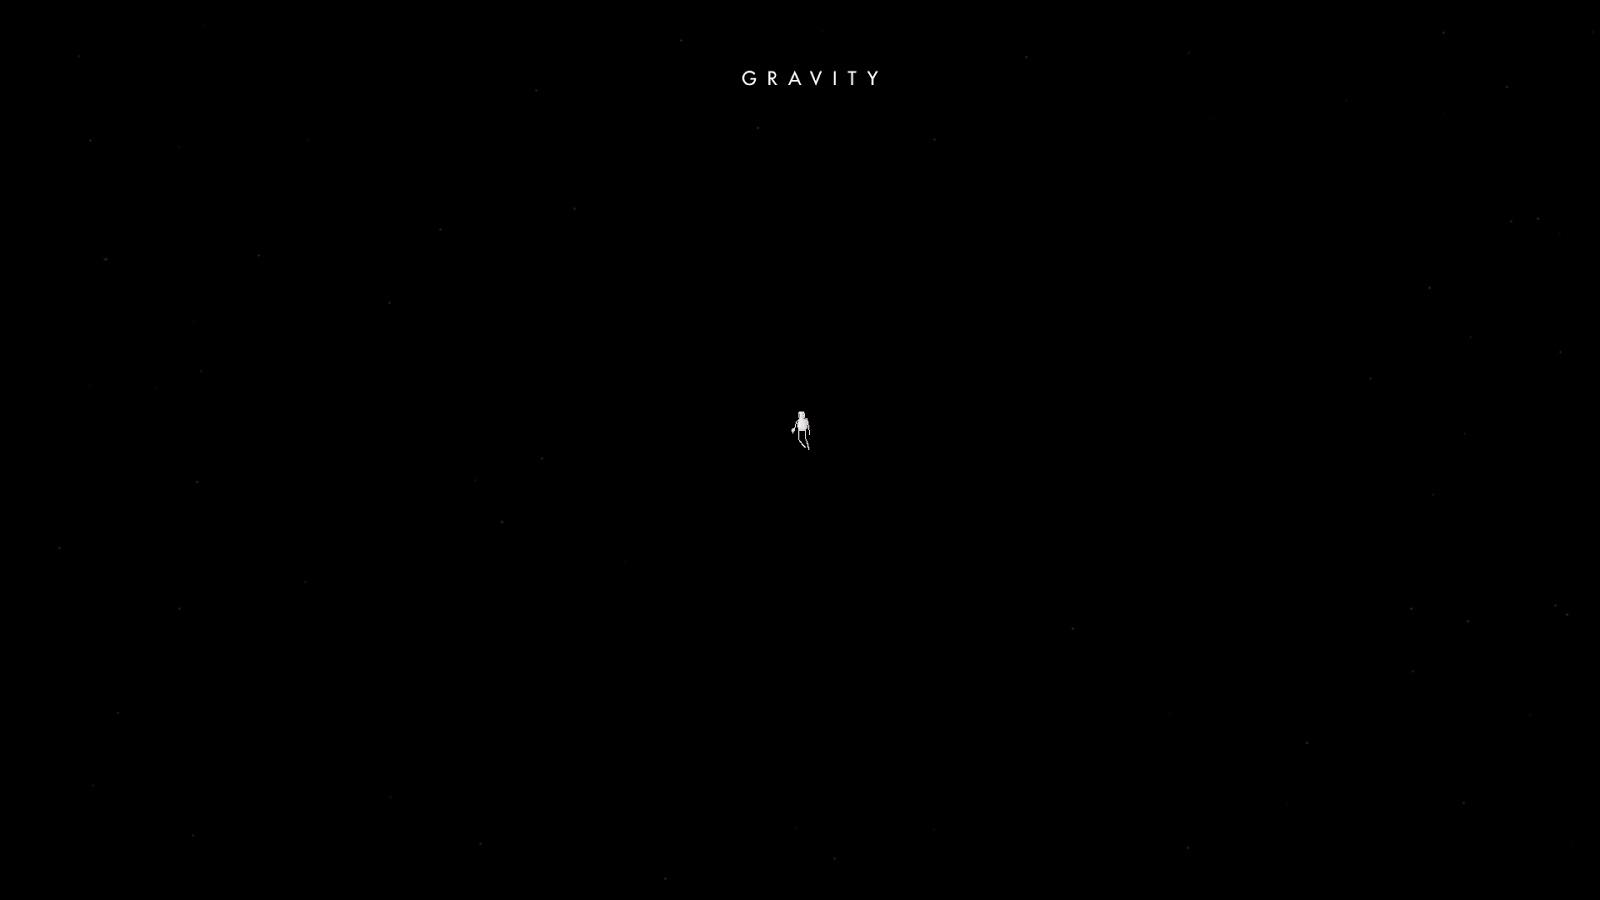 gravity – izs